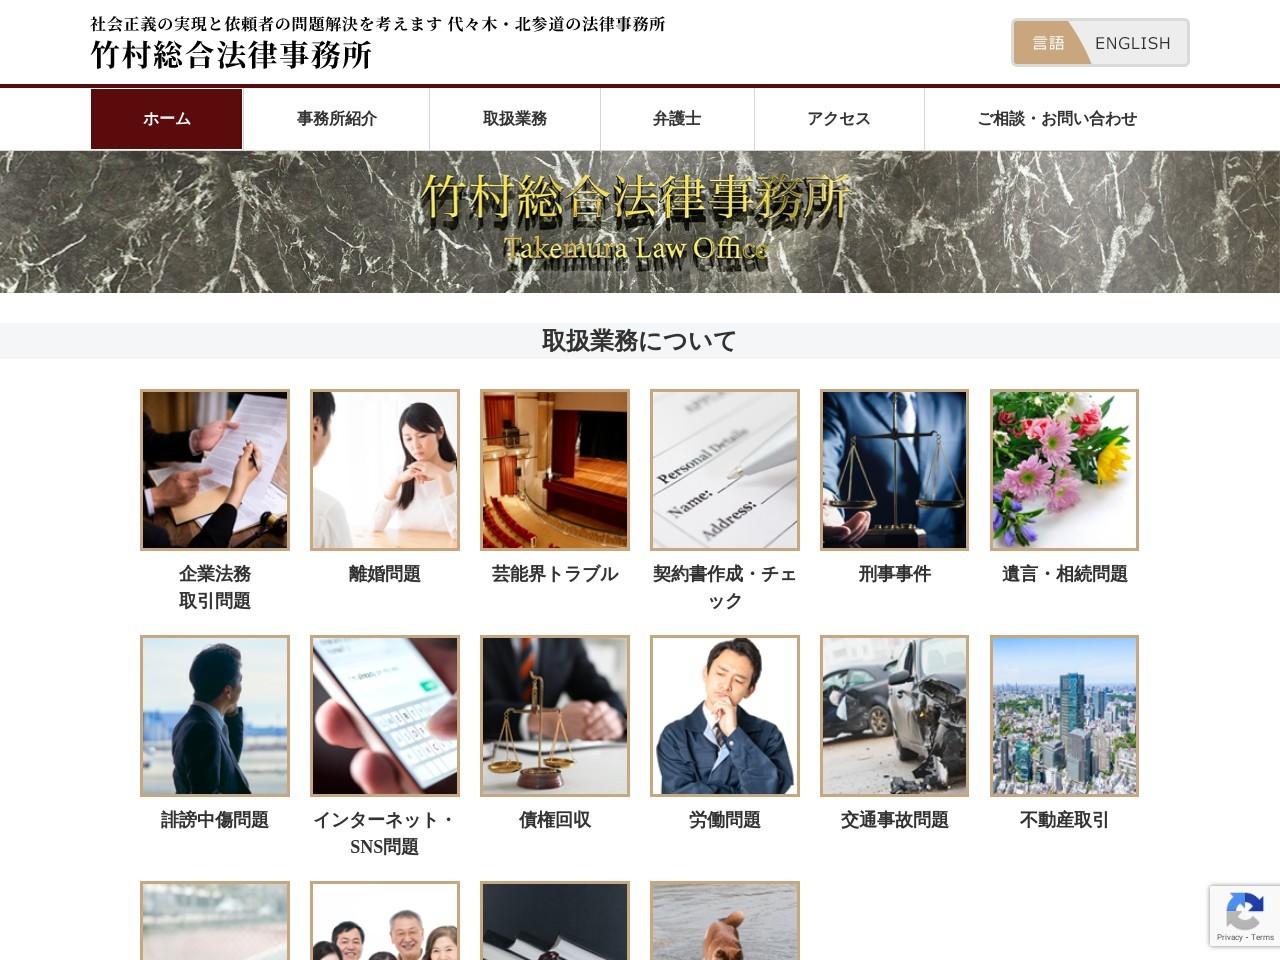 竹村総合法律事務所